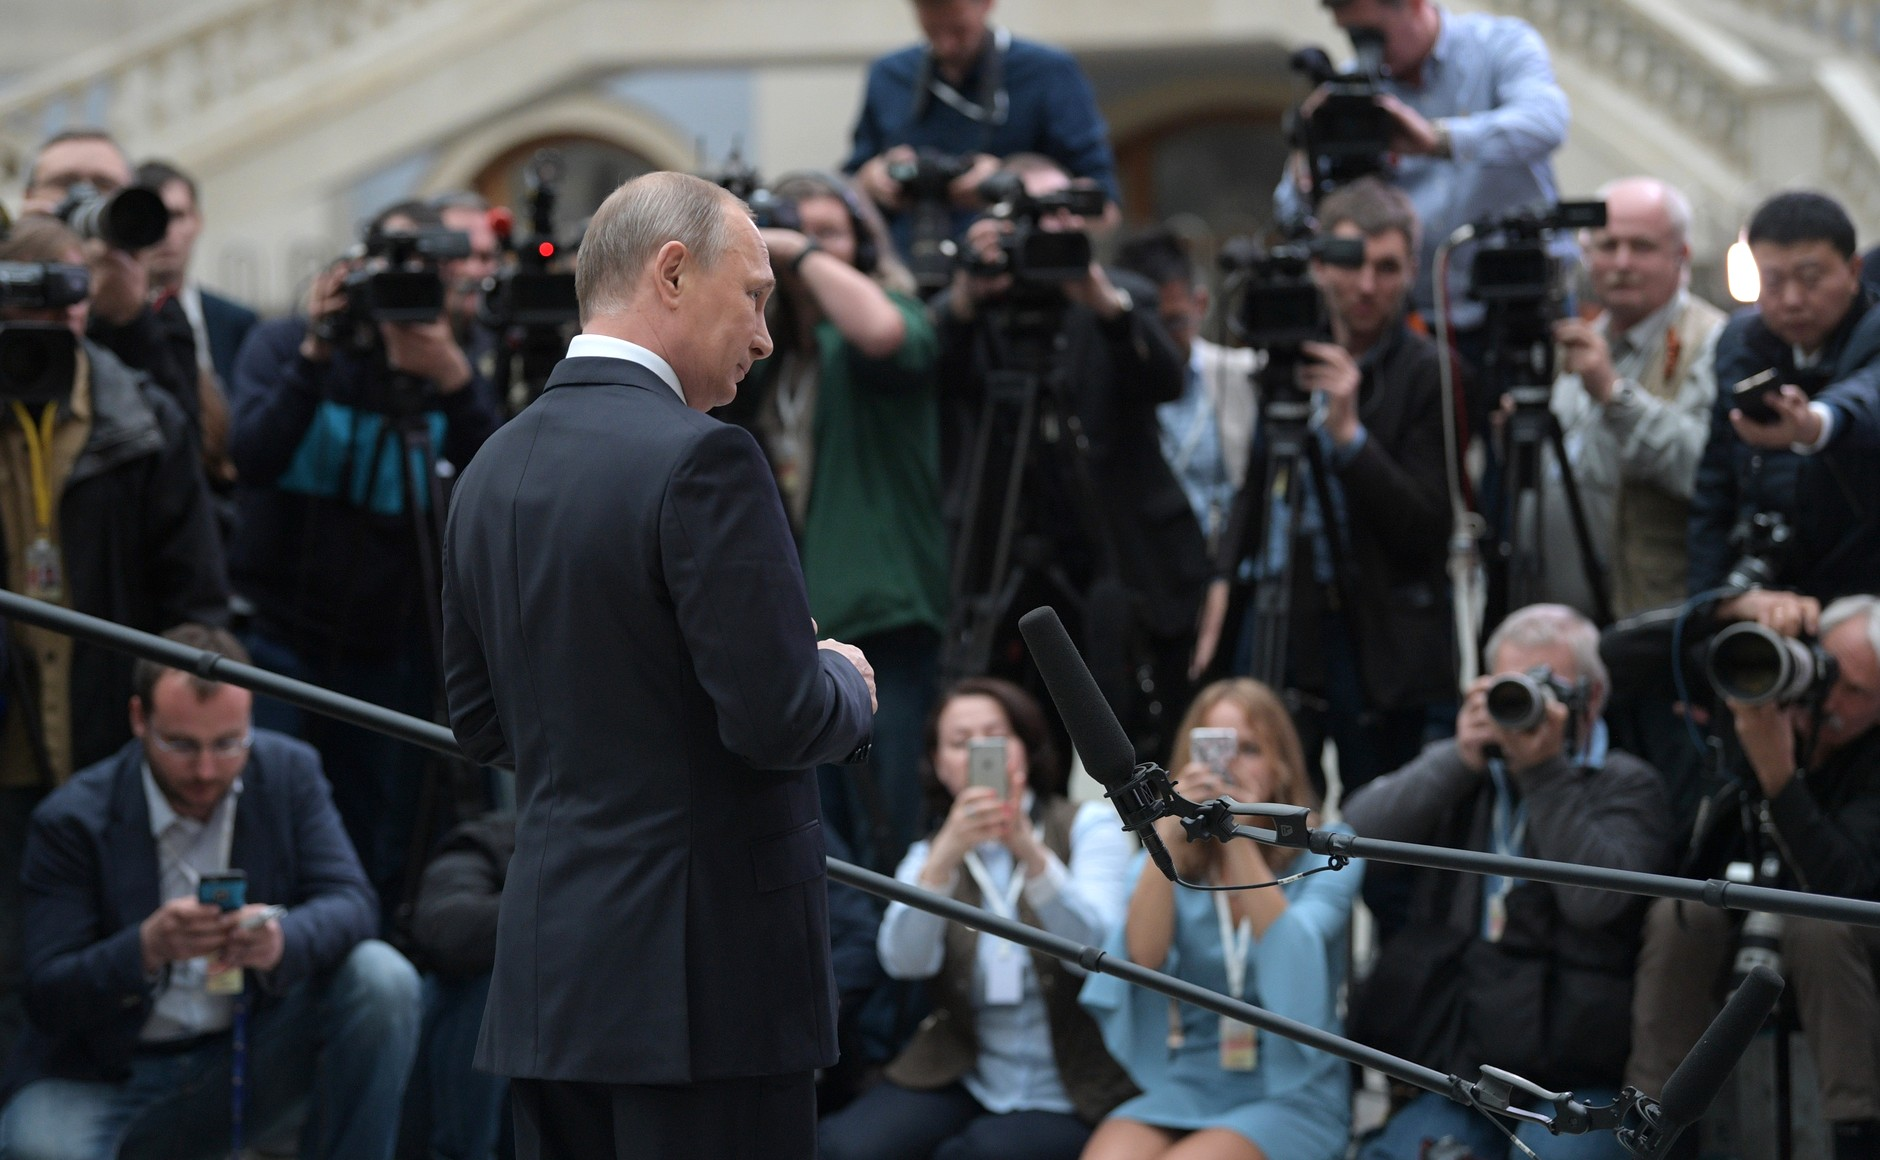 Прорыв, на который так надеются в Кремле, пока невозможен